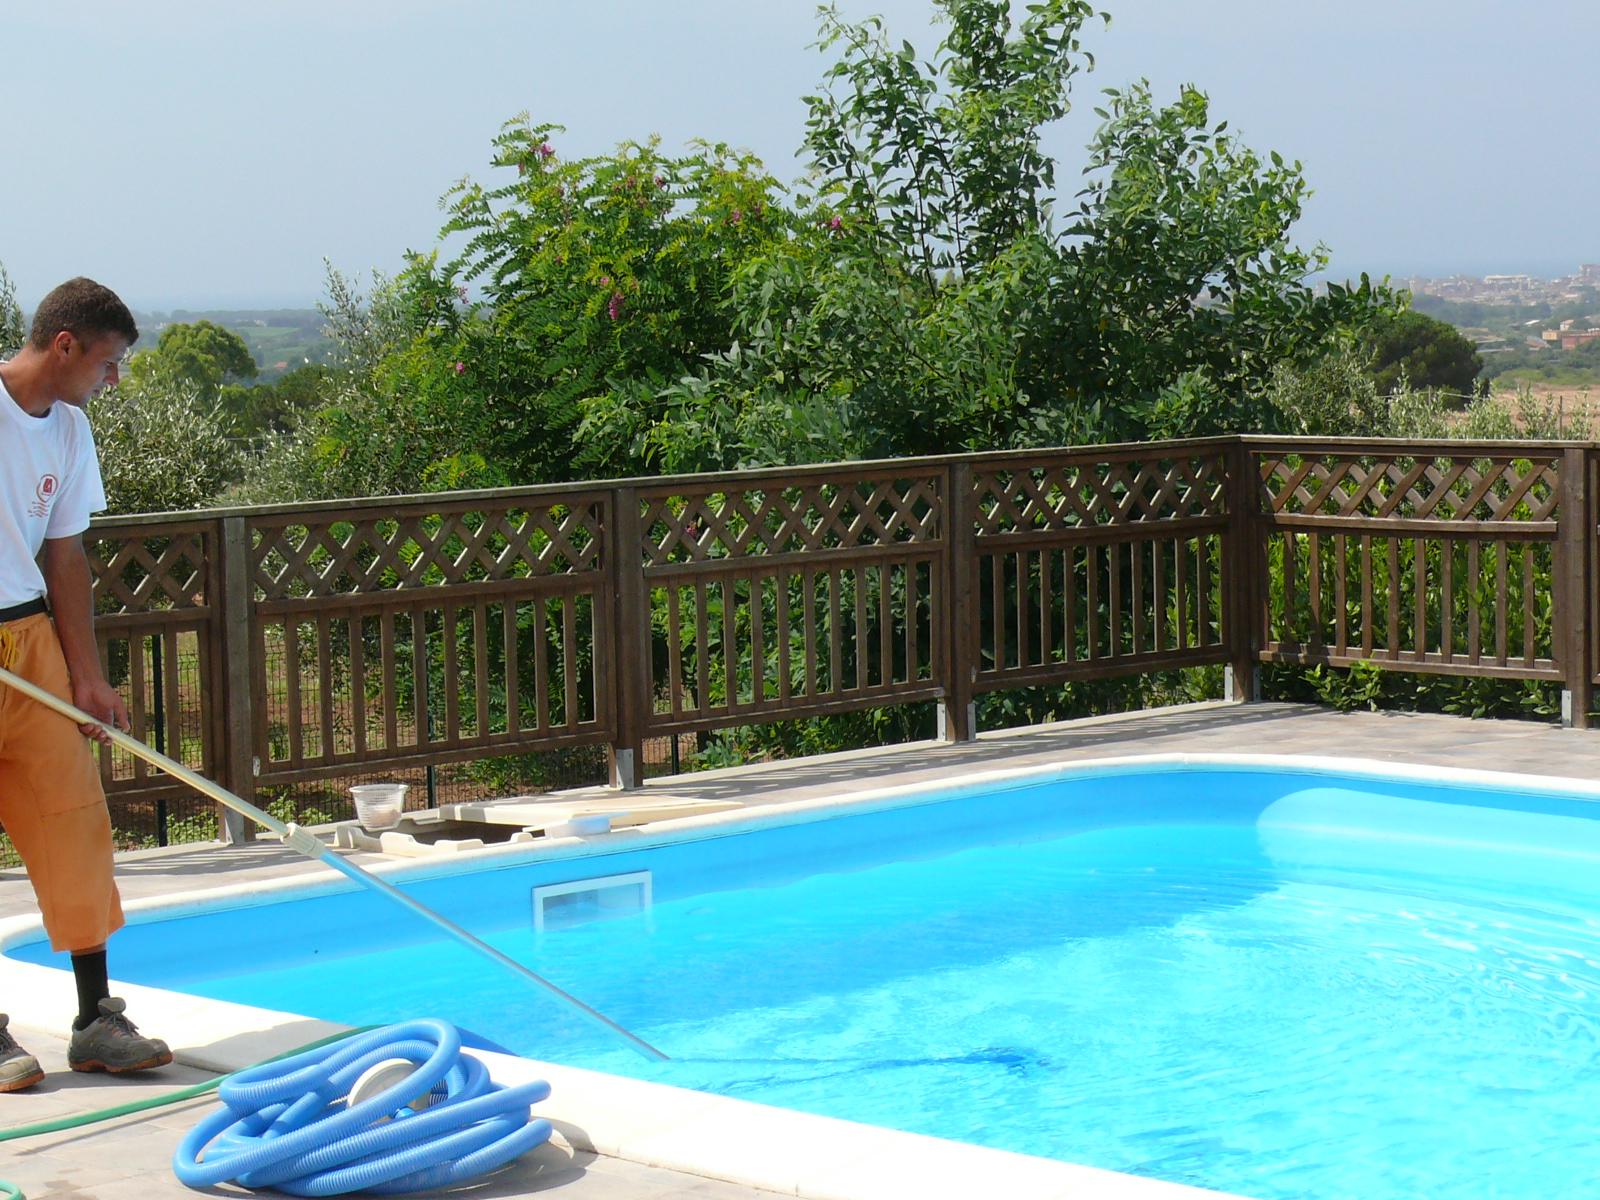 Pool color finitura impermeabilizzante per piscine for Piscine pool